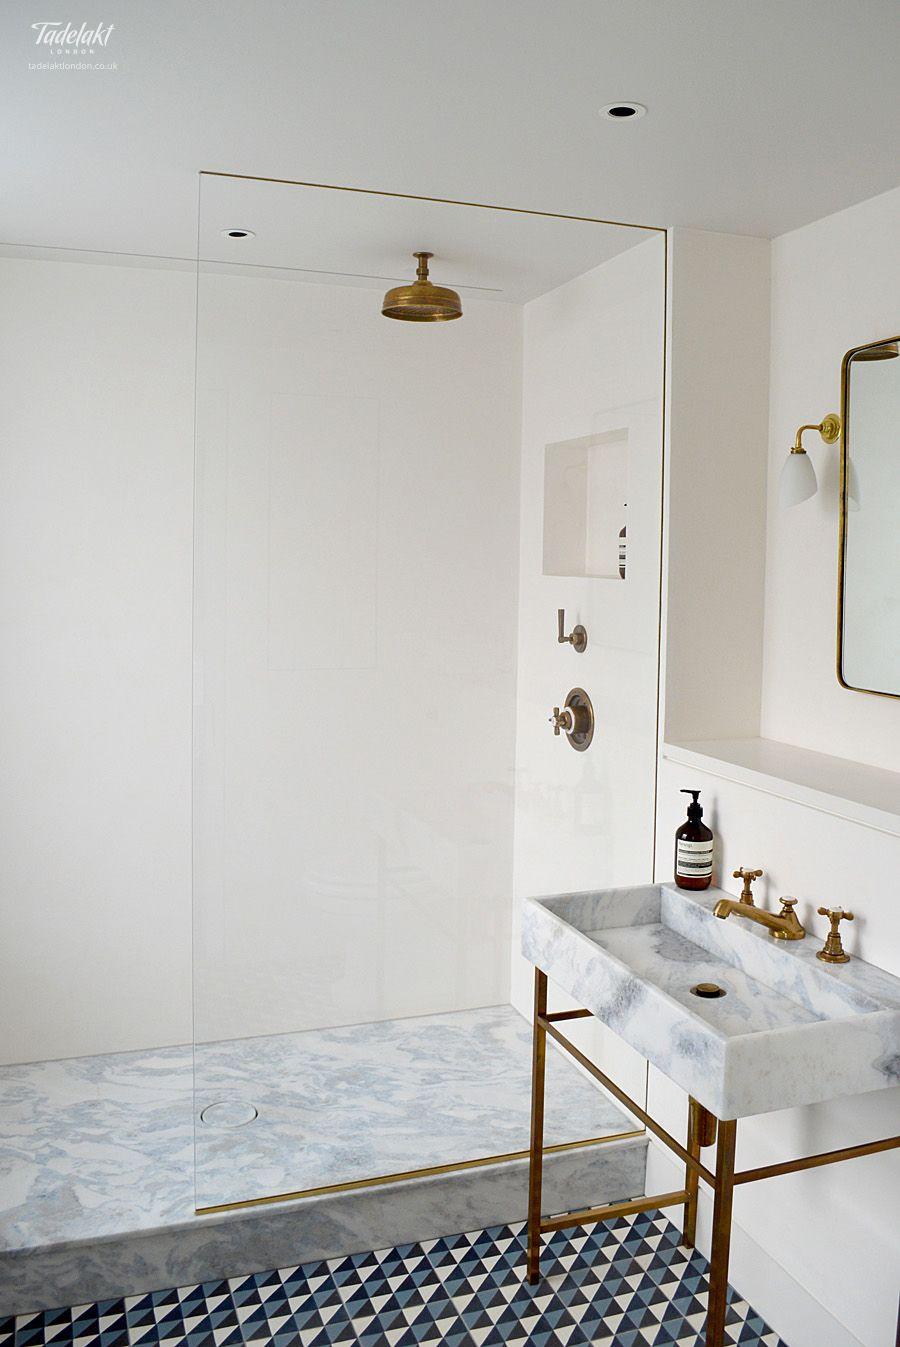 Tadelakt In Natural White In Shower Room Alternative To Using Tiles Bathroom Tadelakt